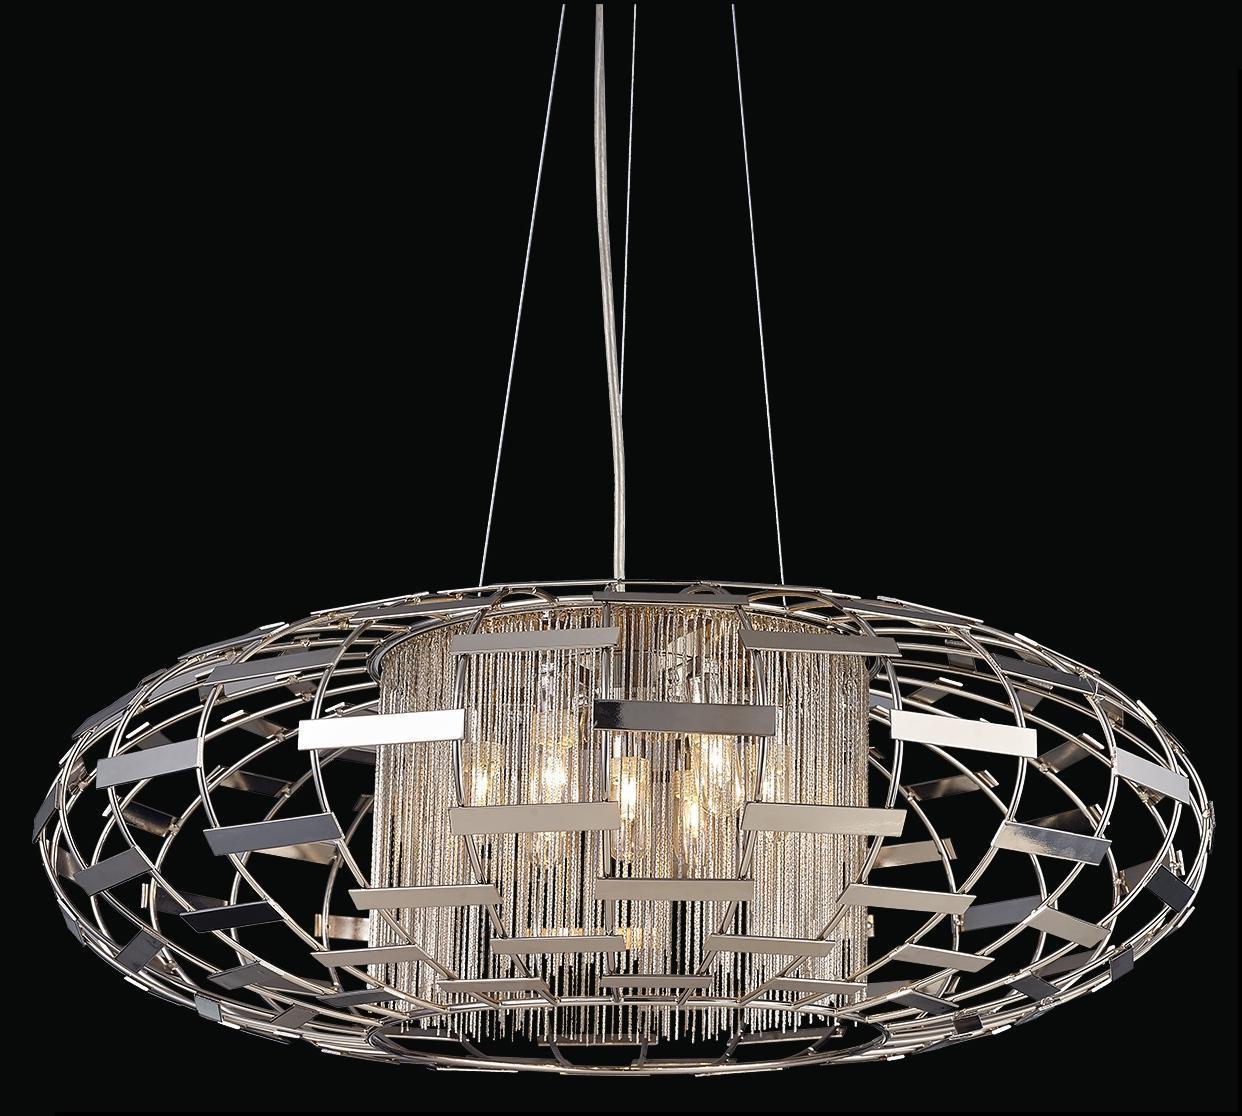 Подвесной светильник Crystal Lux Silvestro SP5 настенный светильник bloom sp5 gold crystal lux 1154144